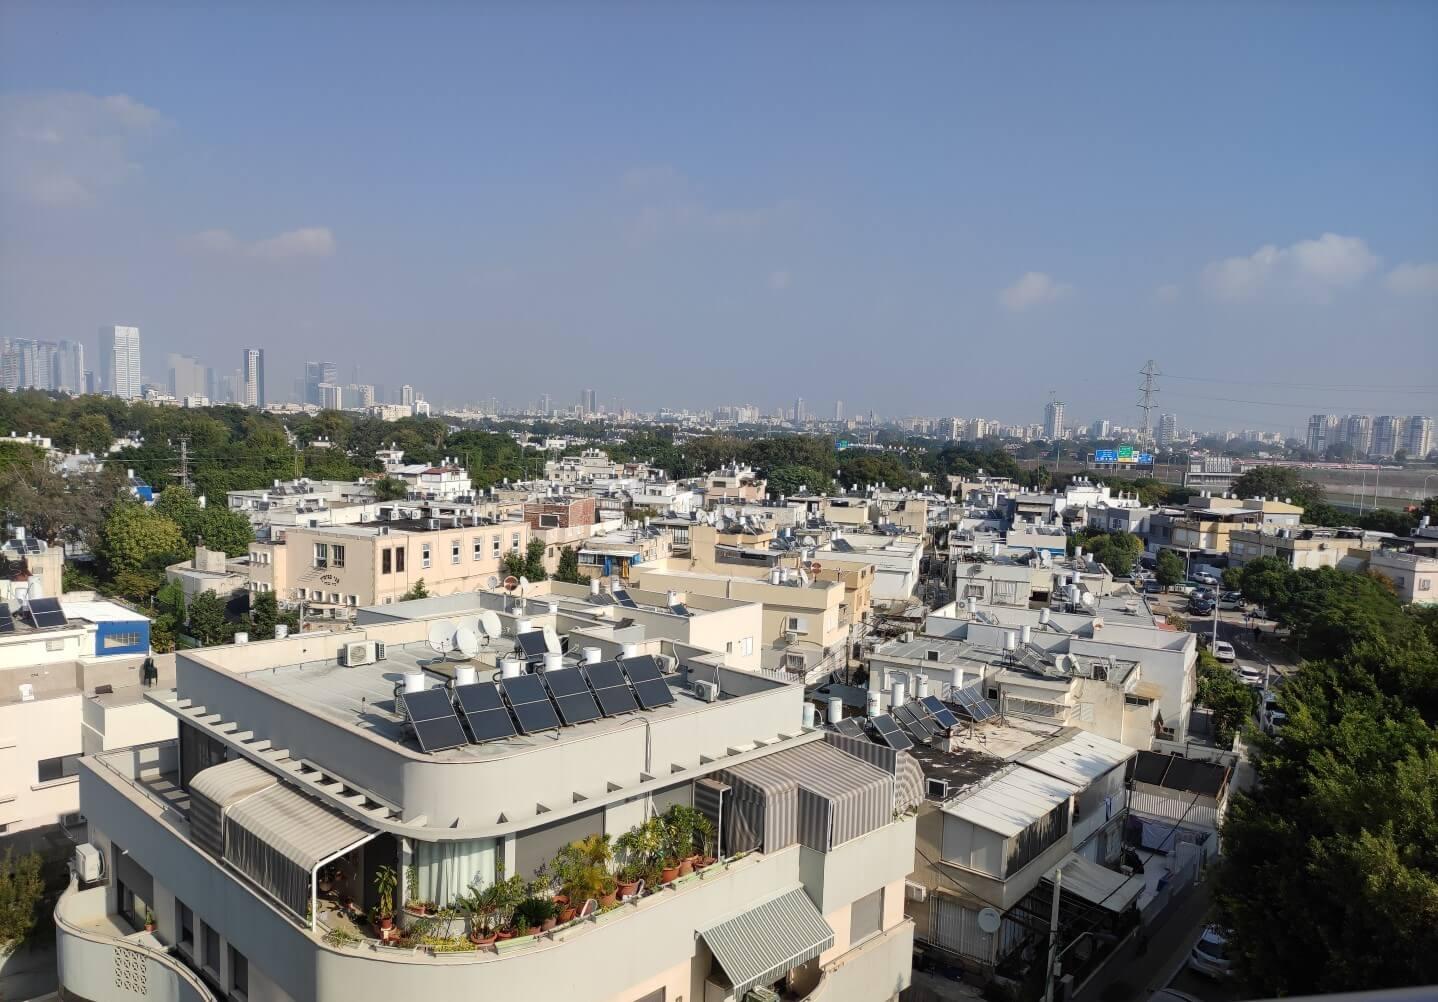 שכונות בדרום תל אביב